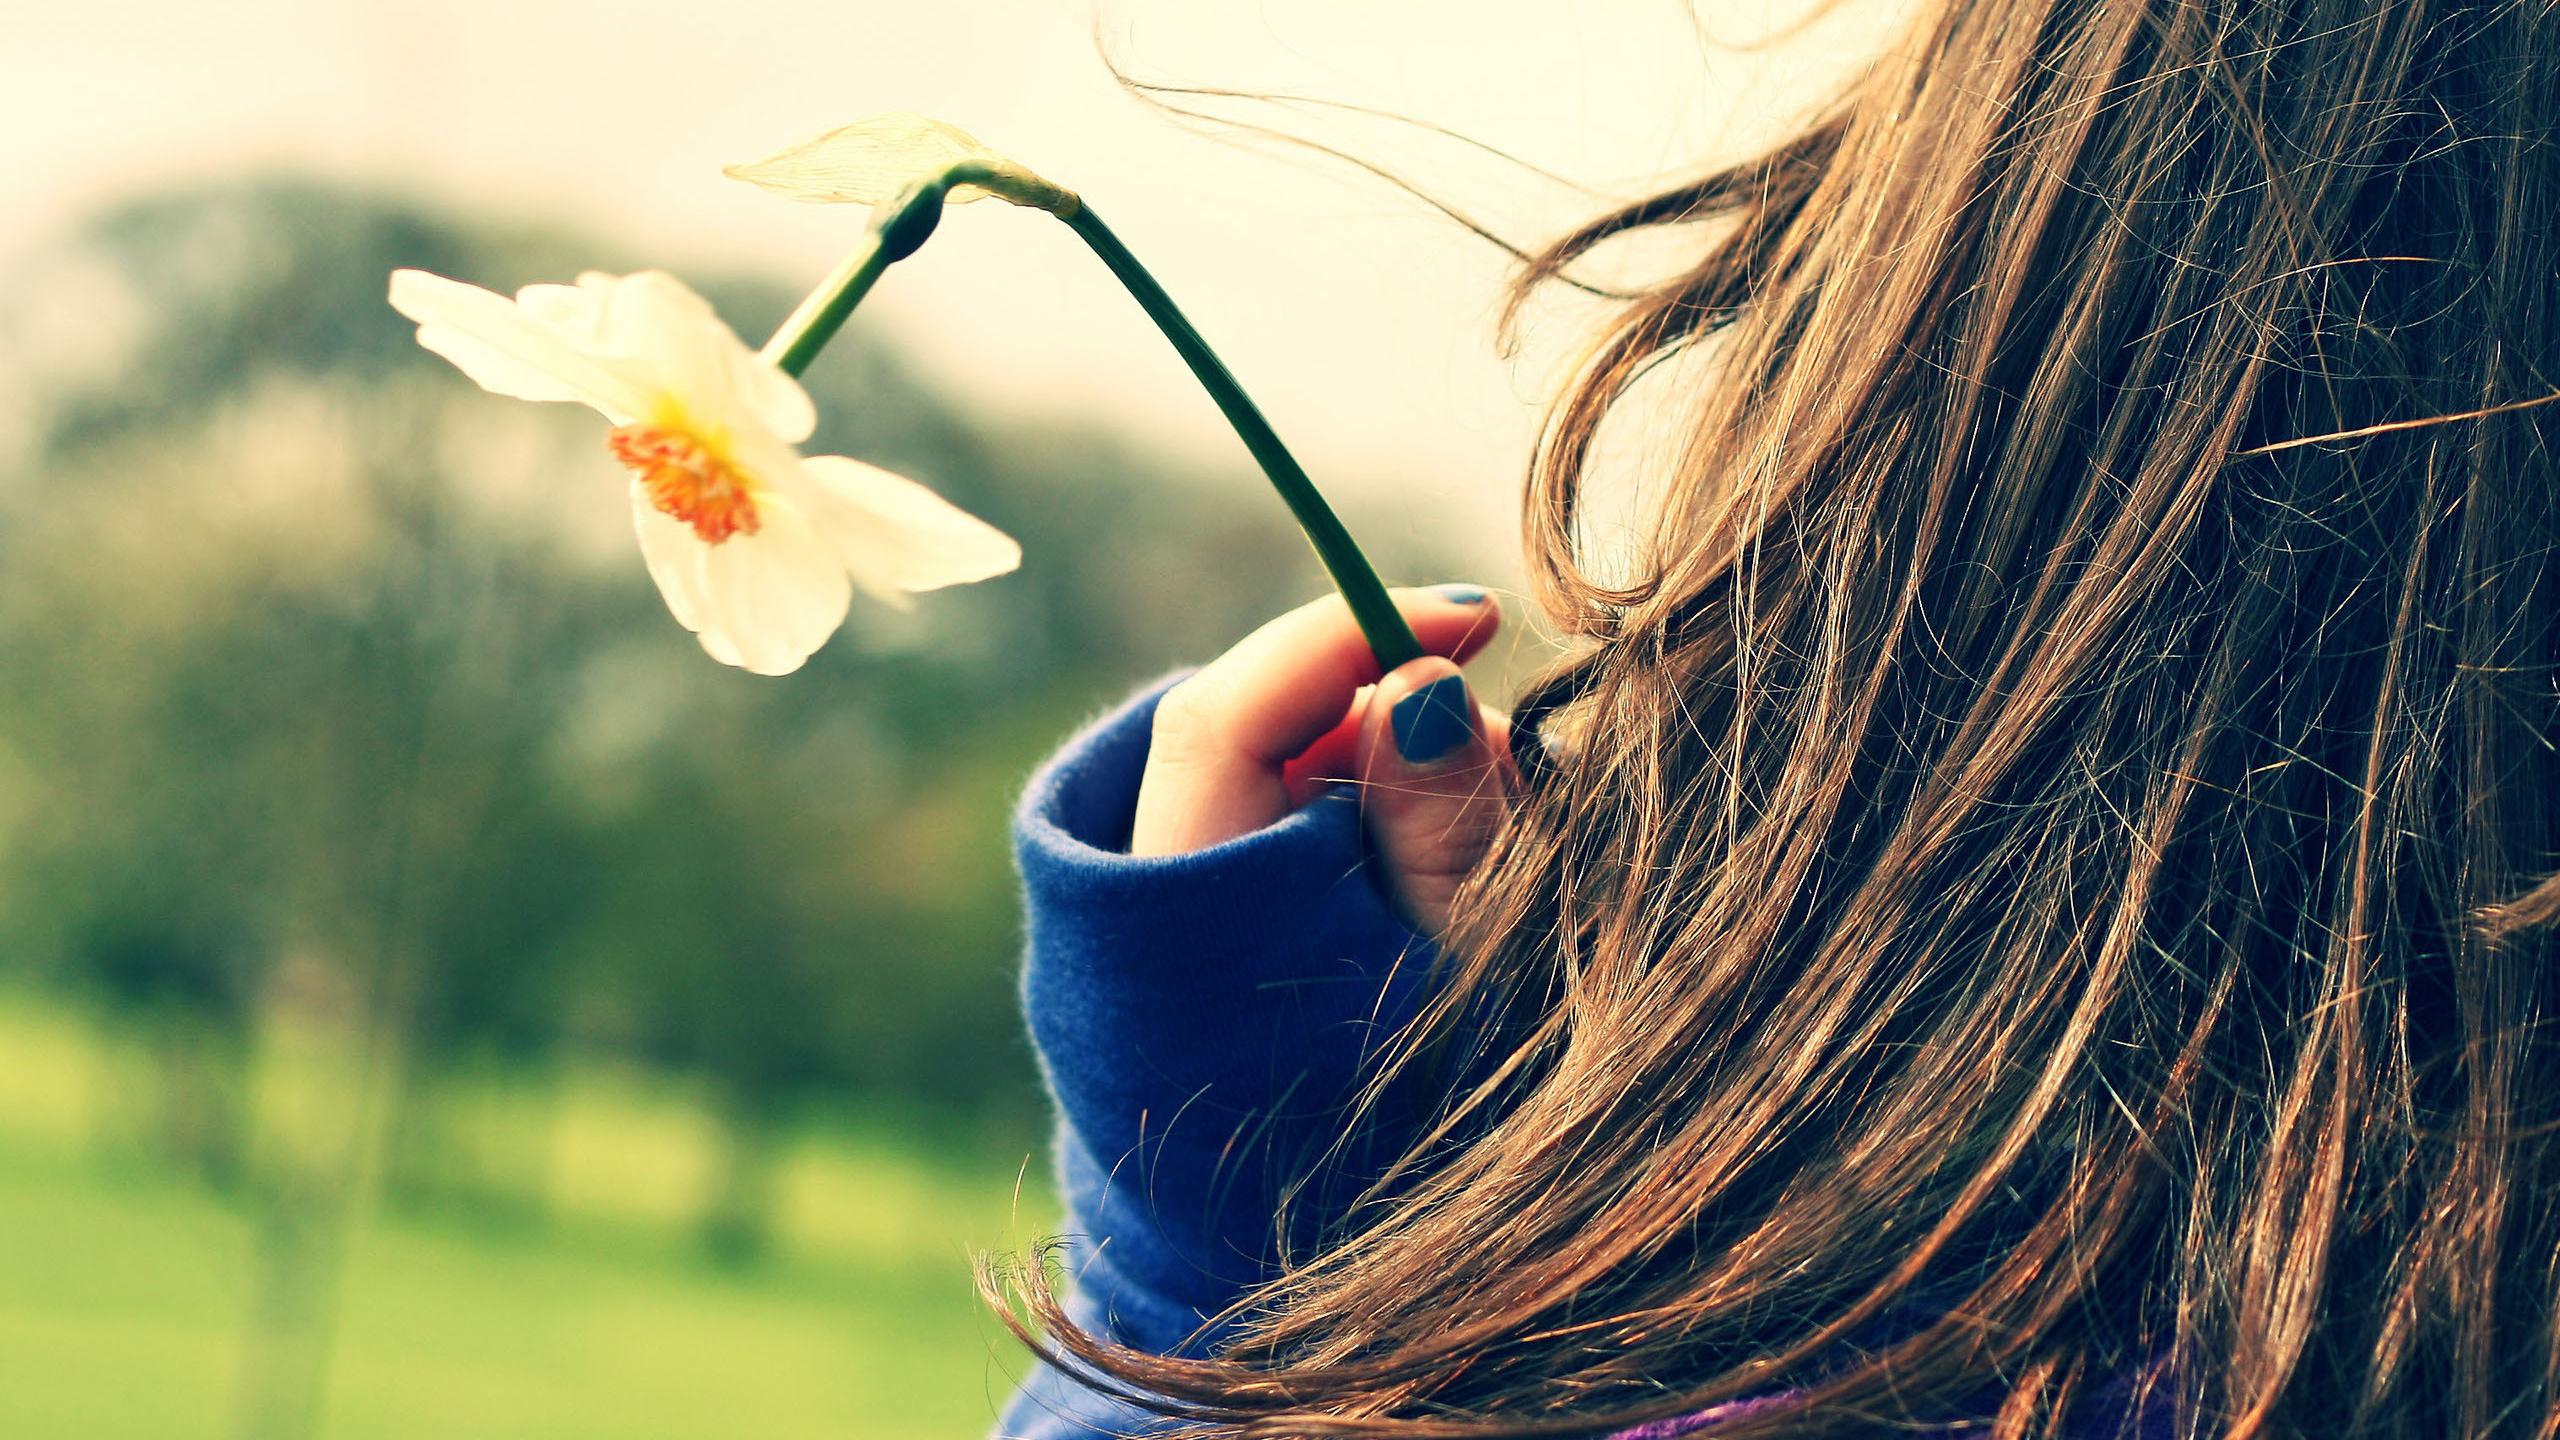 Картинка на аватар девушки